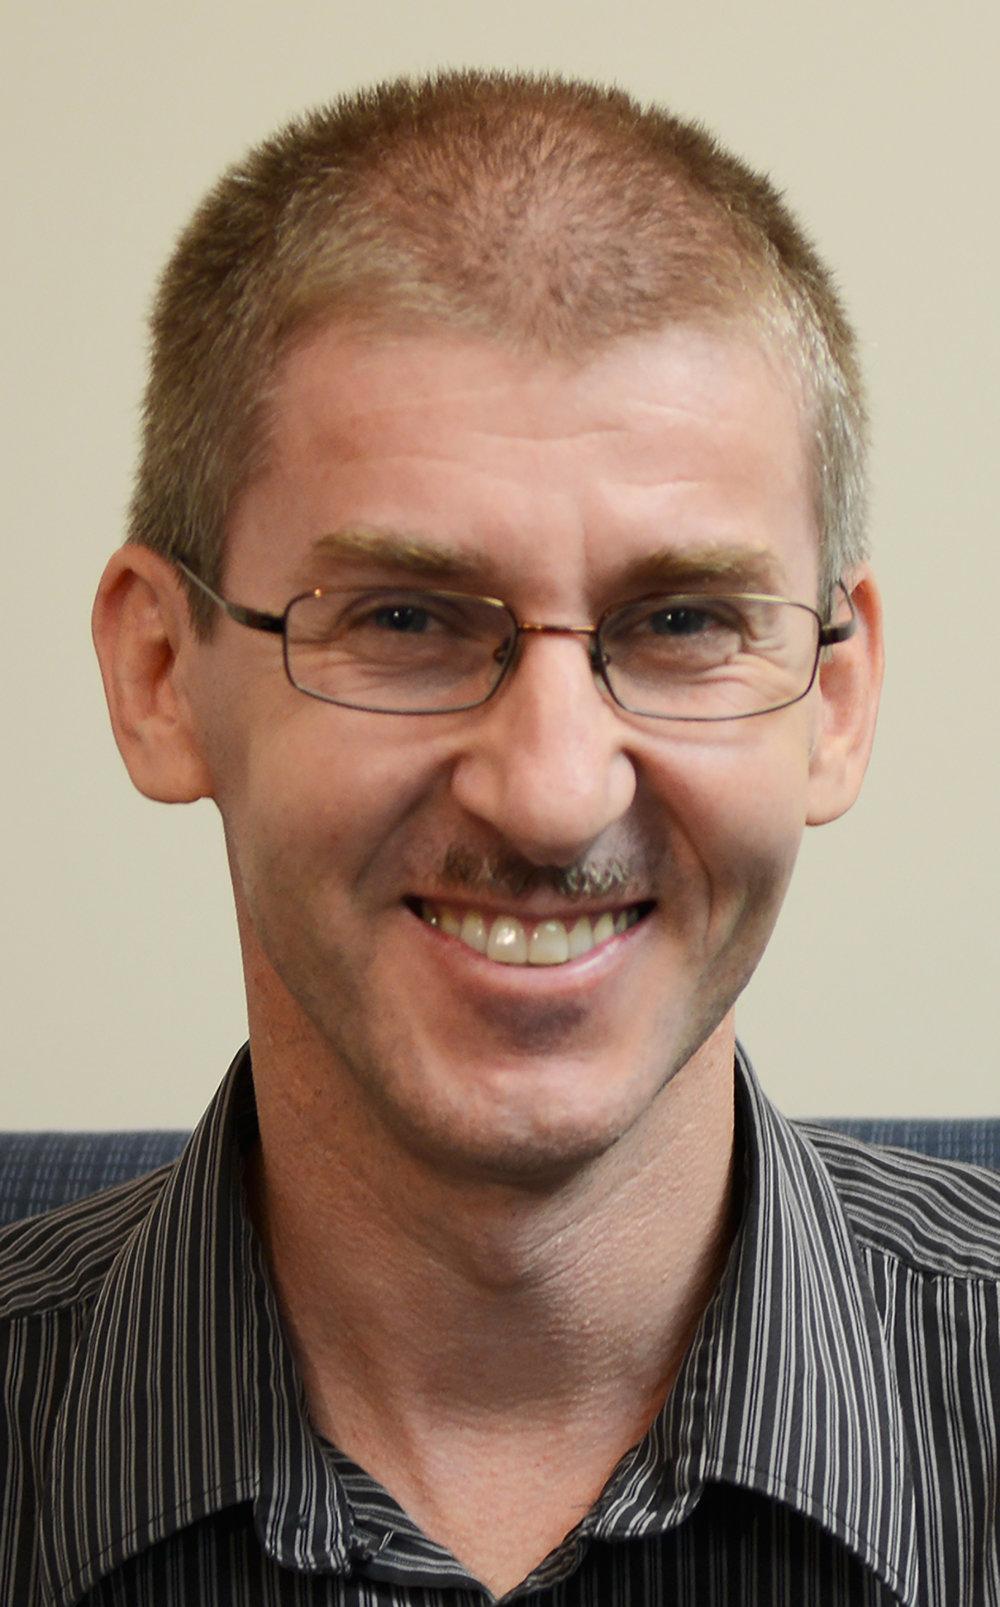 Csaba Kovesdy (Nashville, USA)